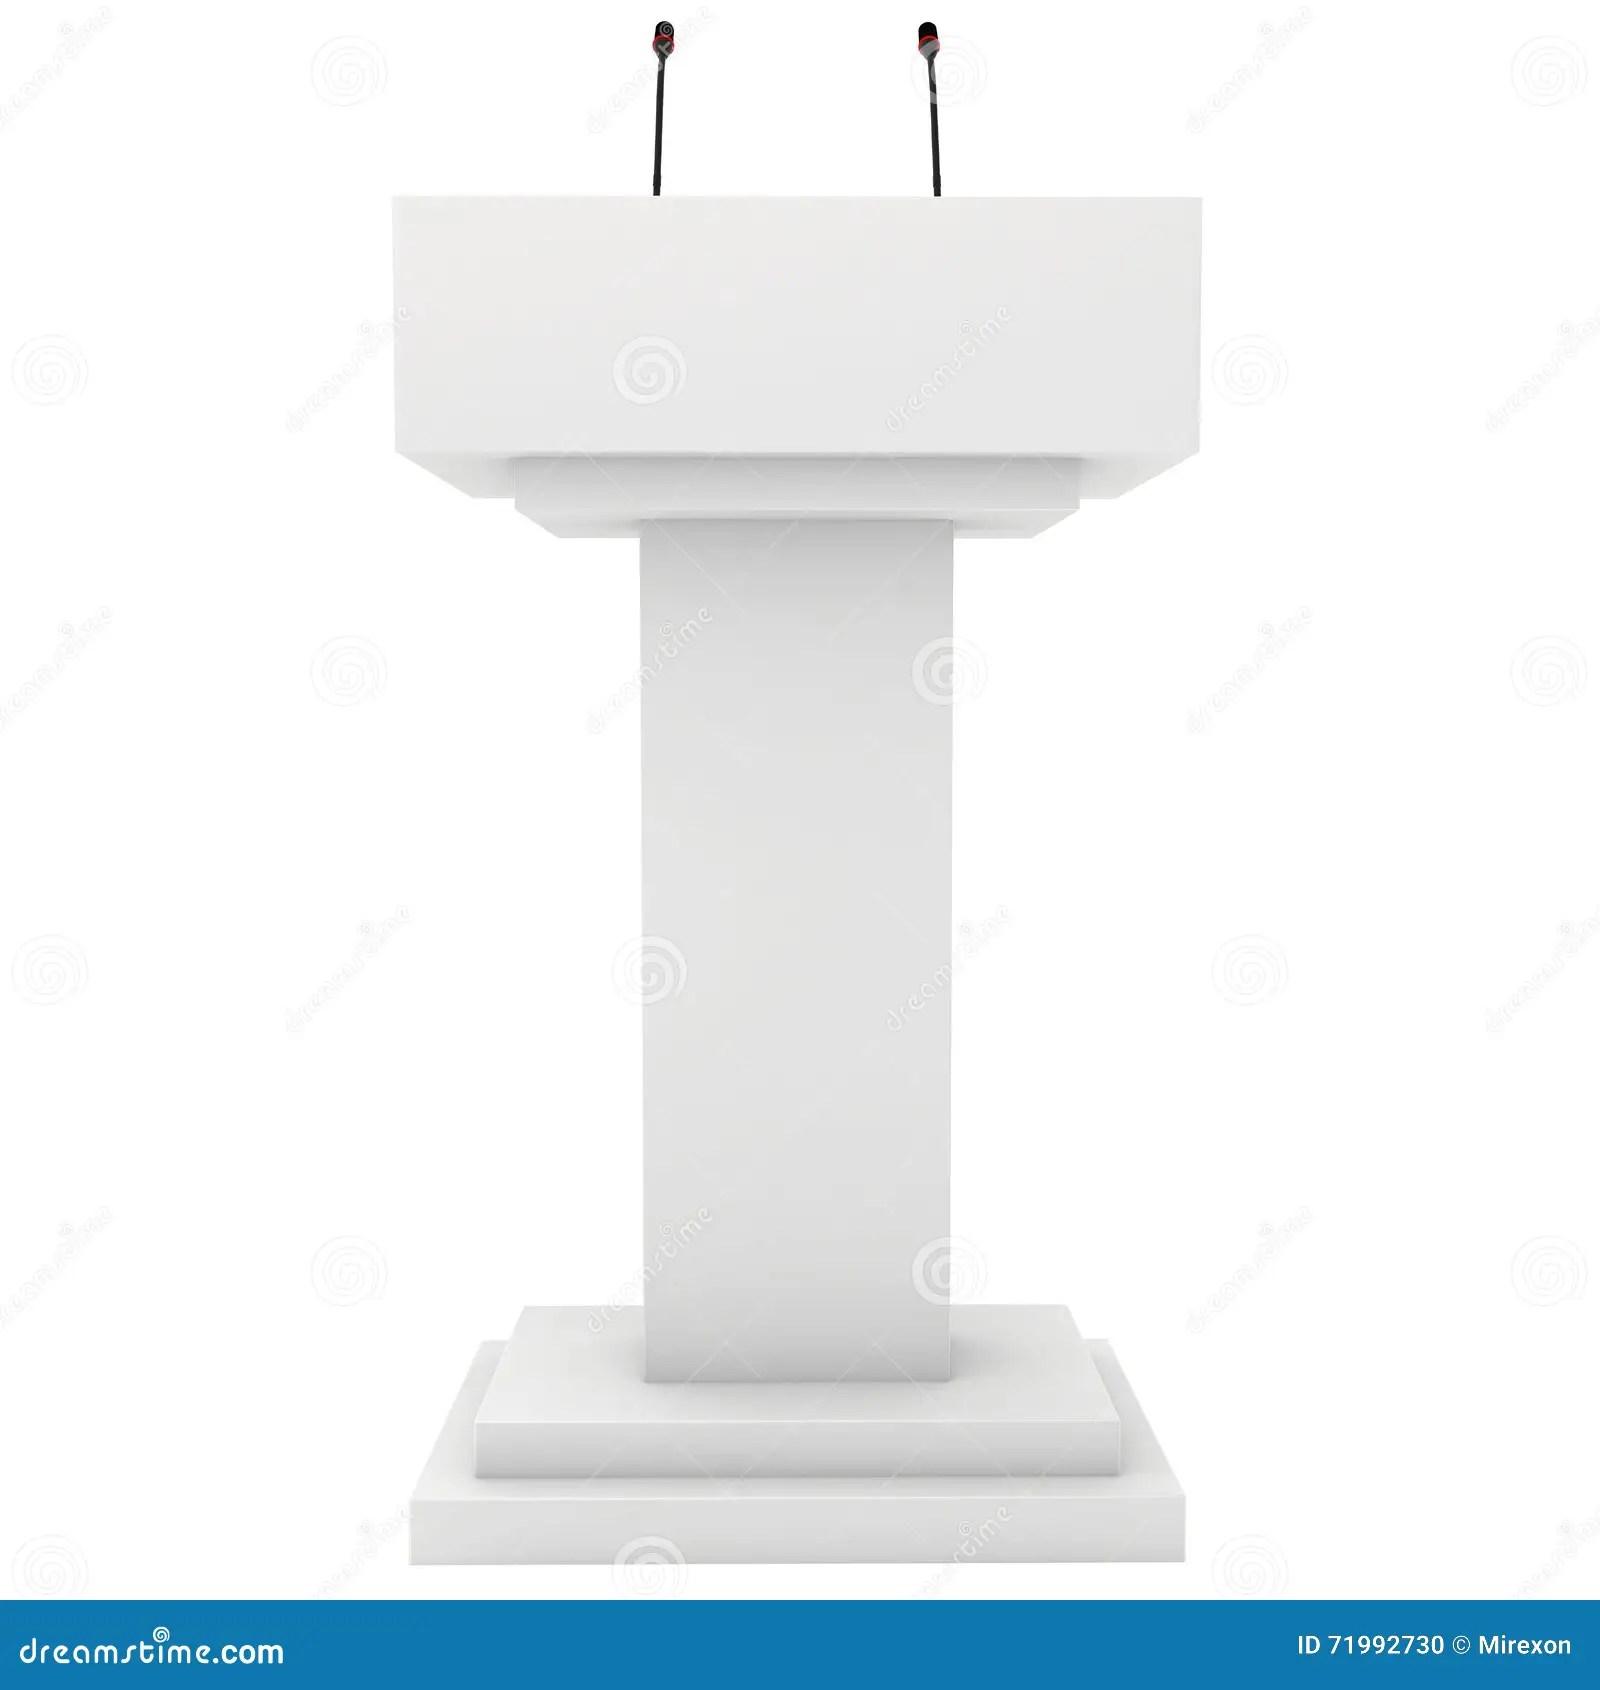 Speaker Podium Tribune Rostrum Stand With Microphones